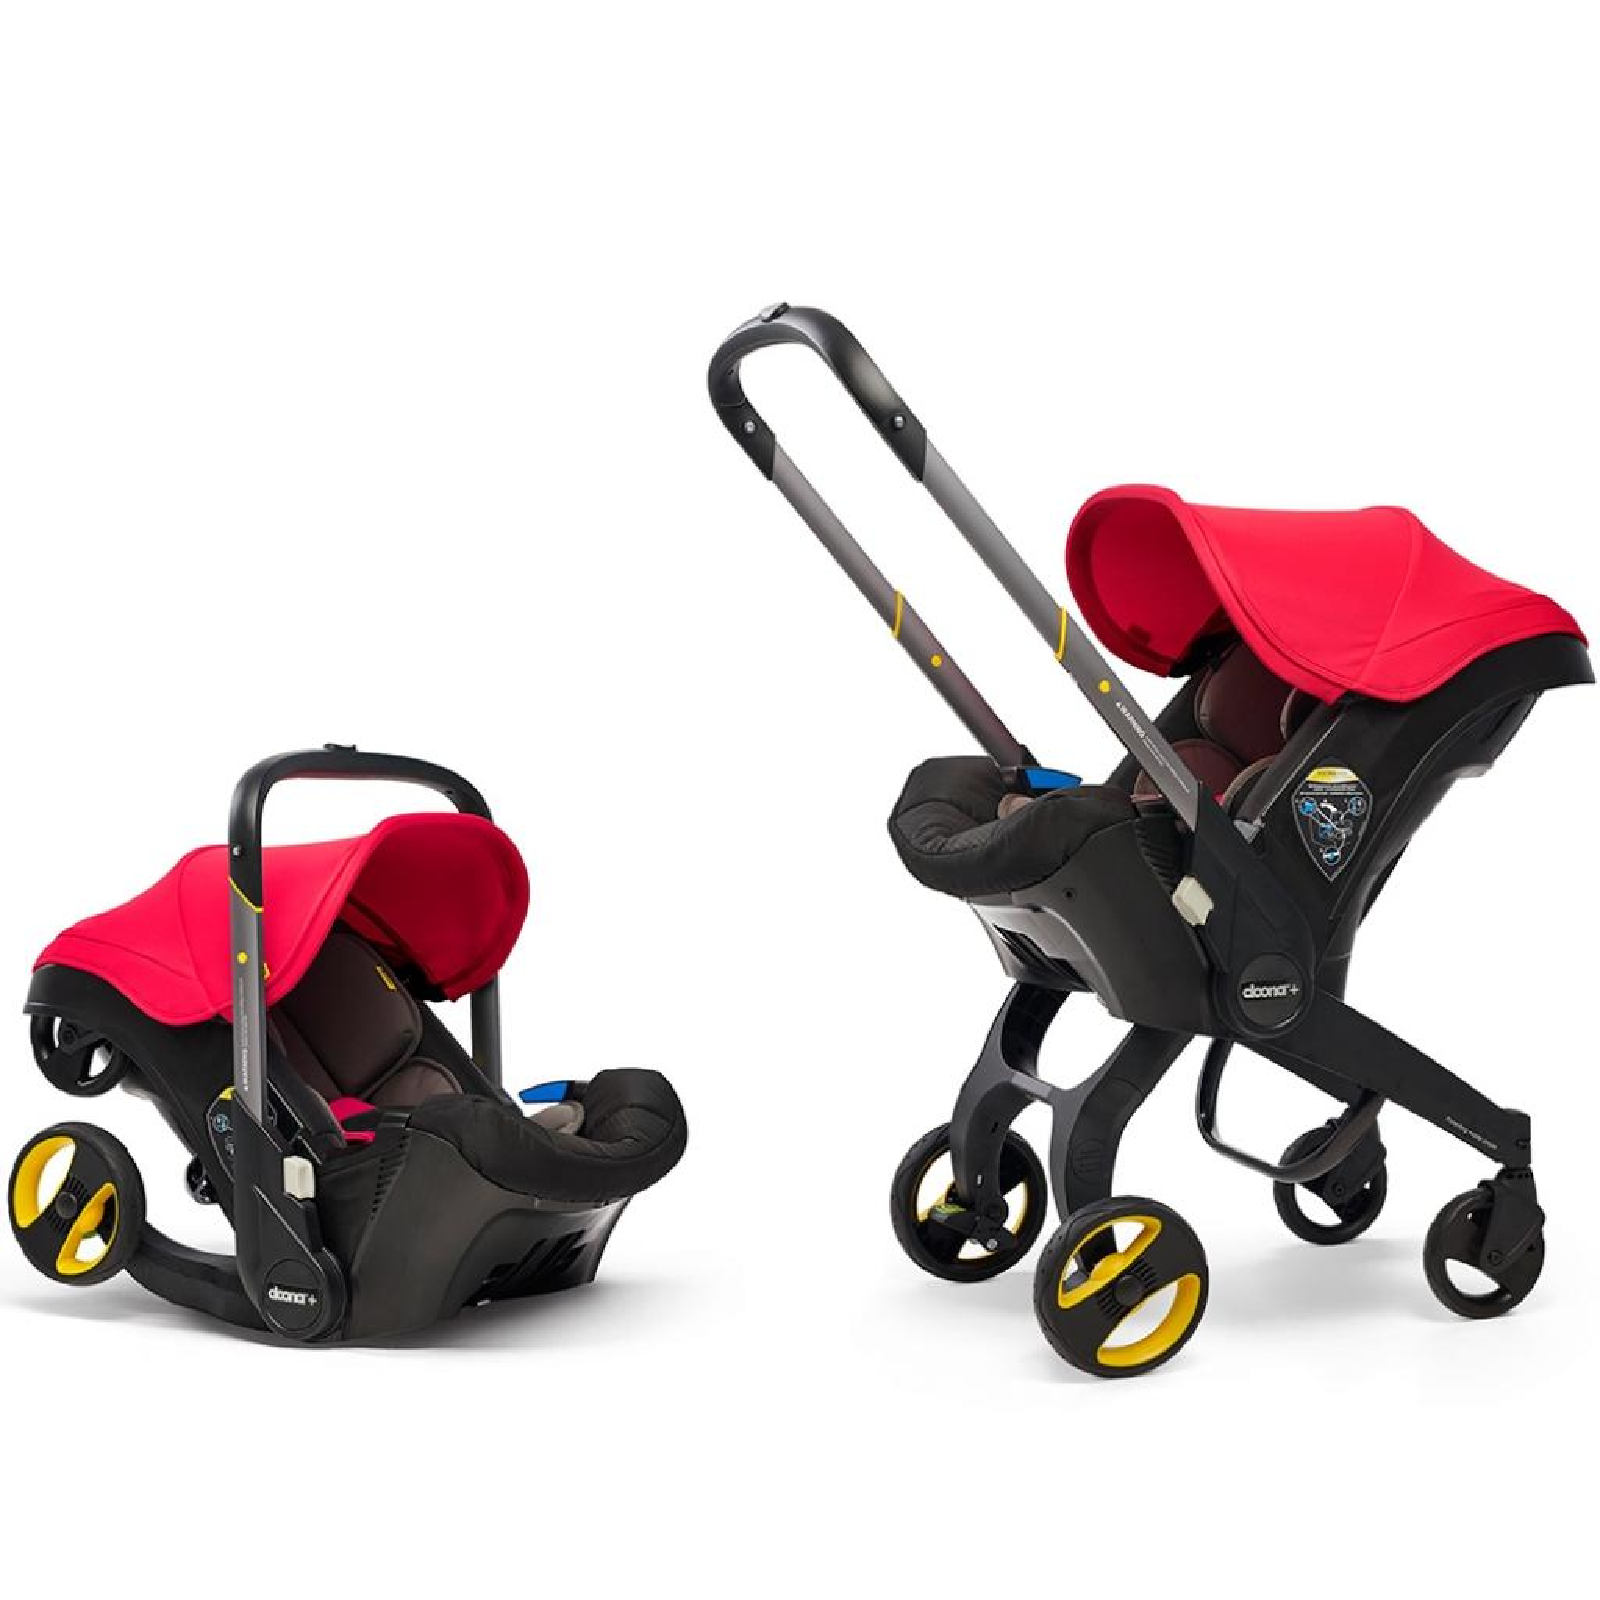 Автокресло Doona Infant Car Seat / Серое (SP150-20-006-015)